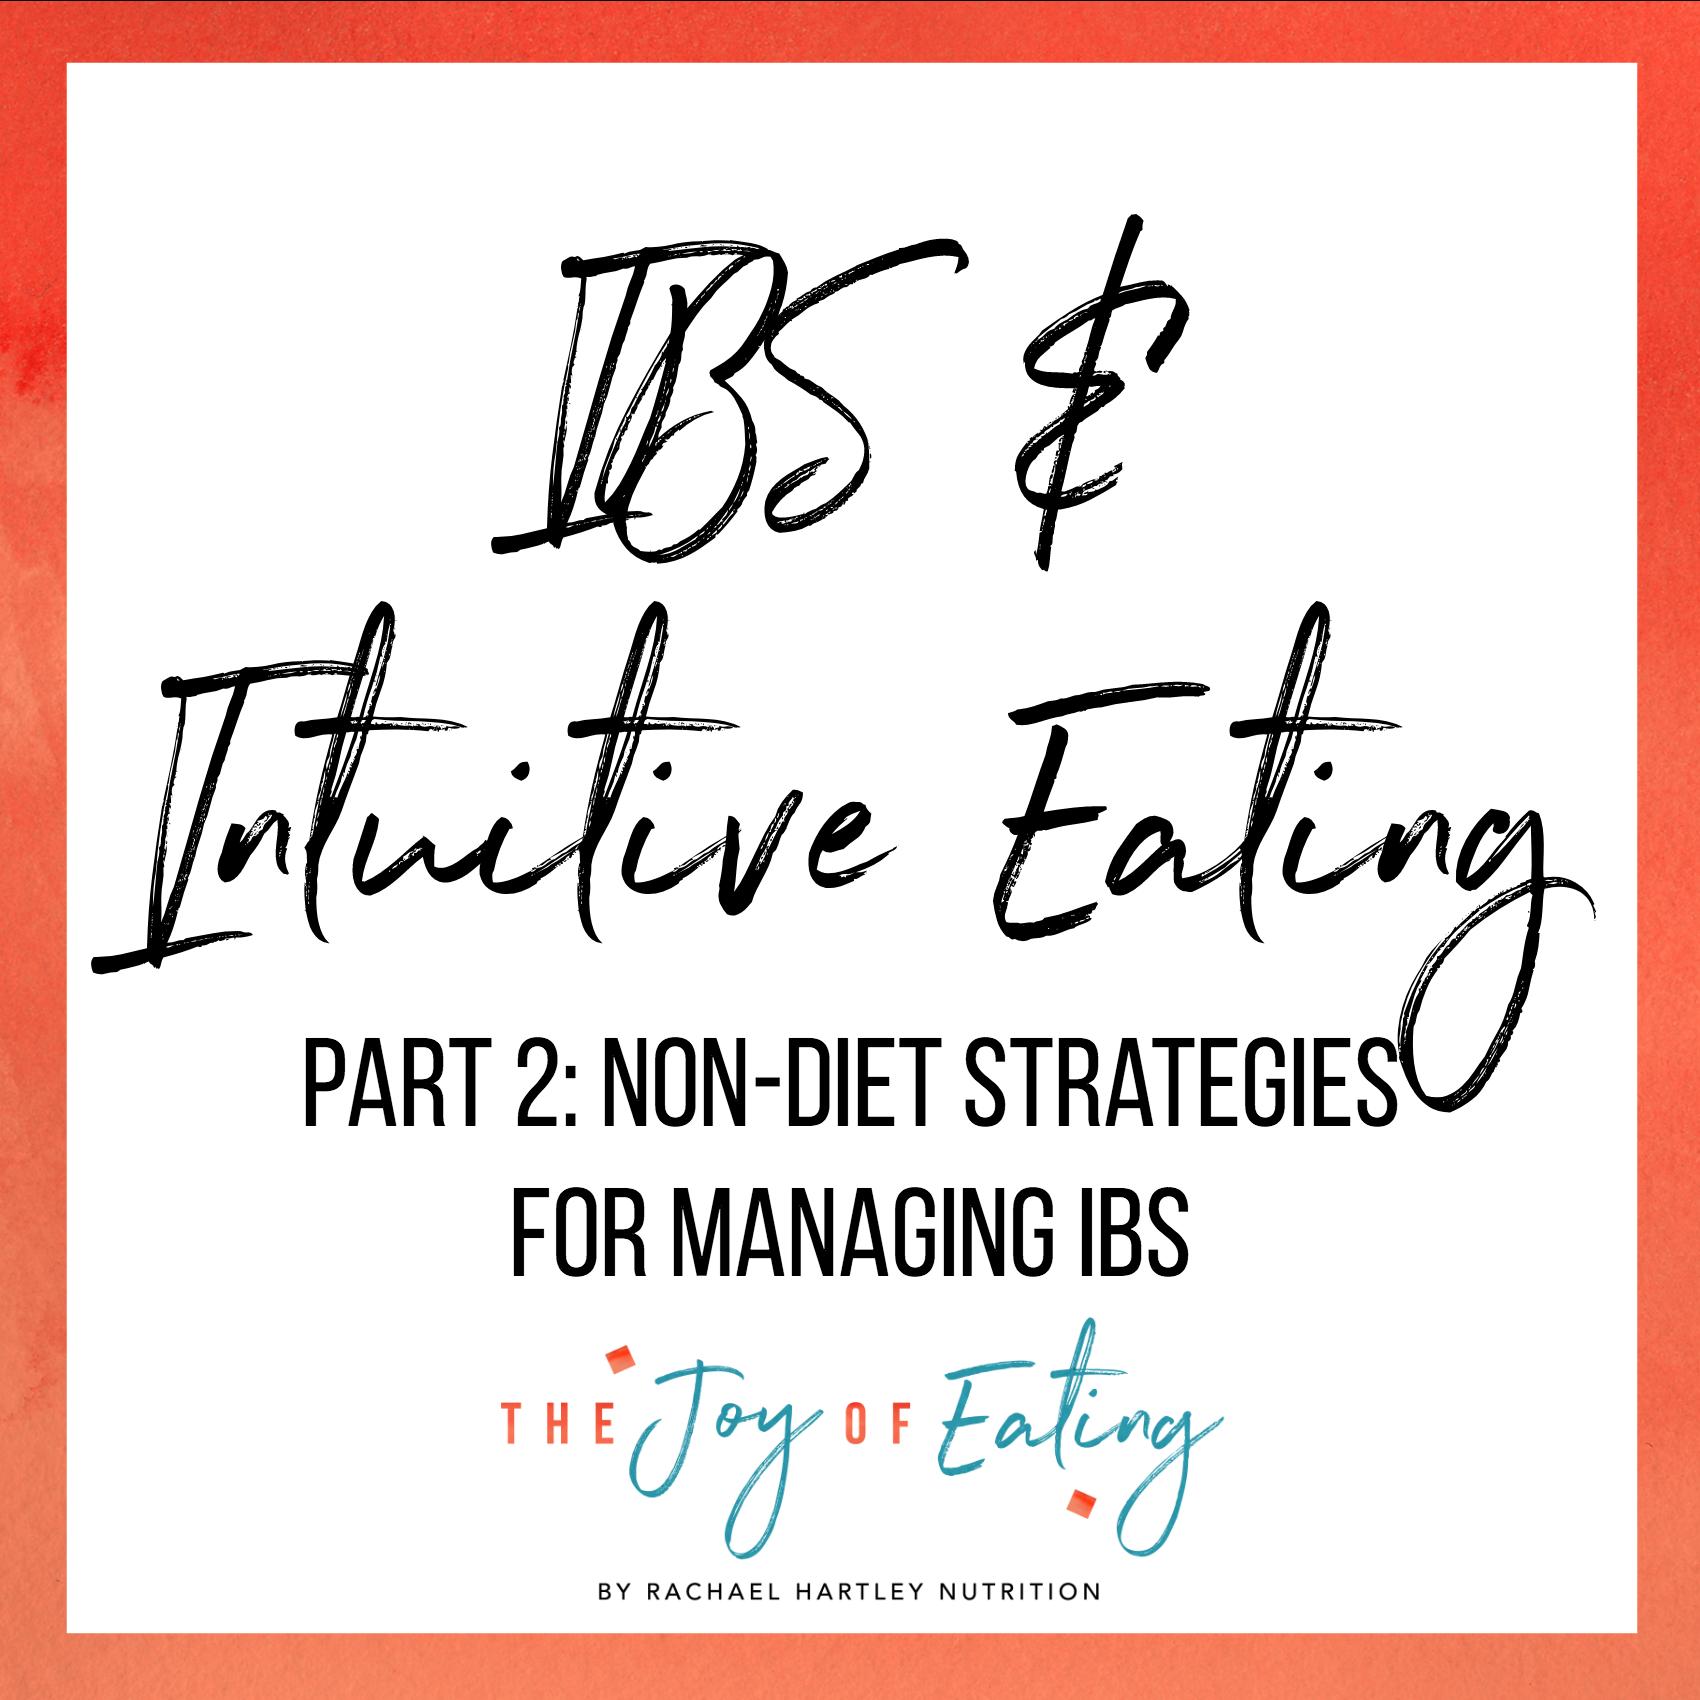 研究饮食饮食策略的饮食策略。########